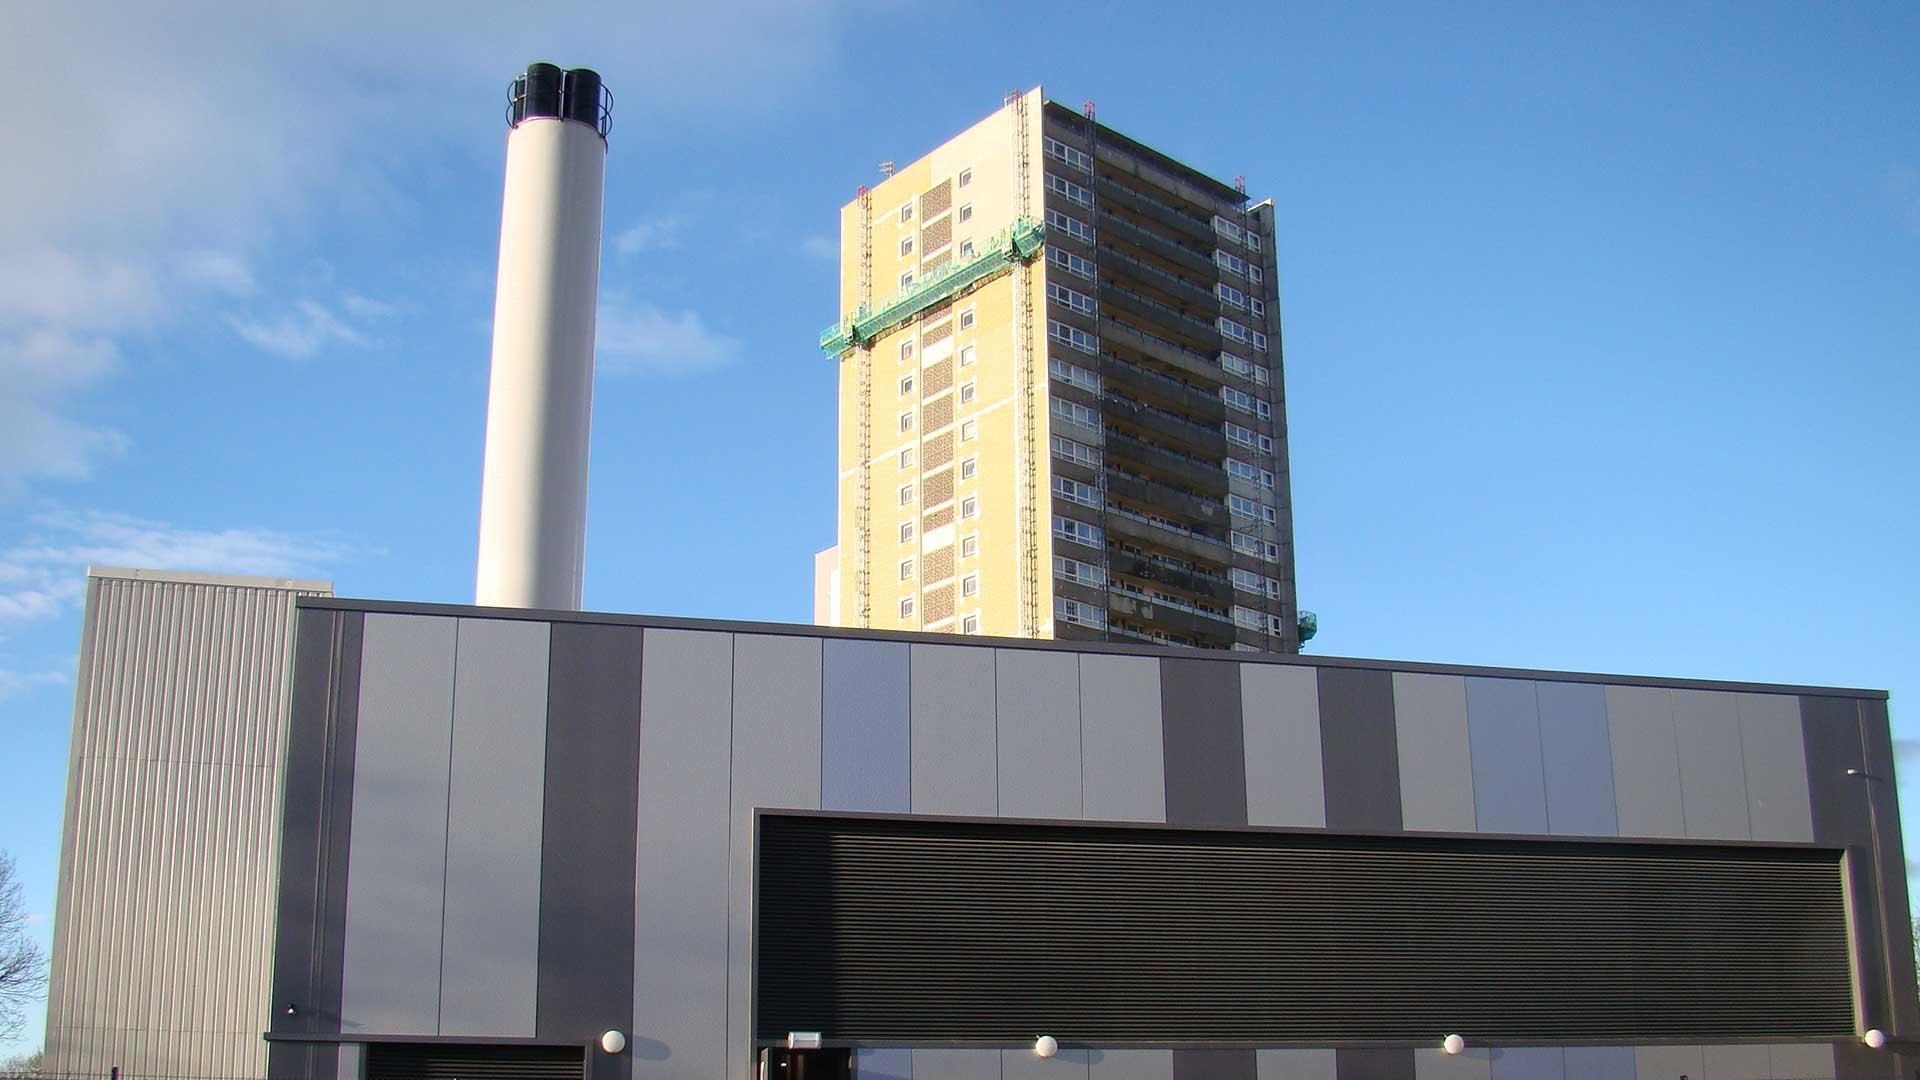 Wyndford District Heating